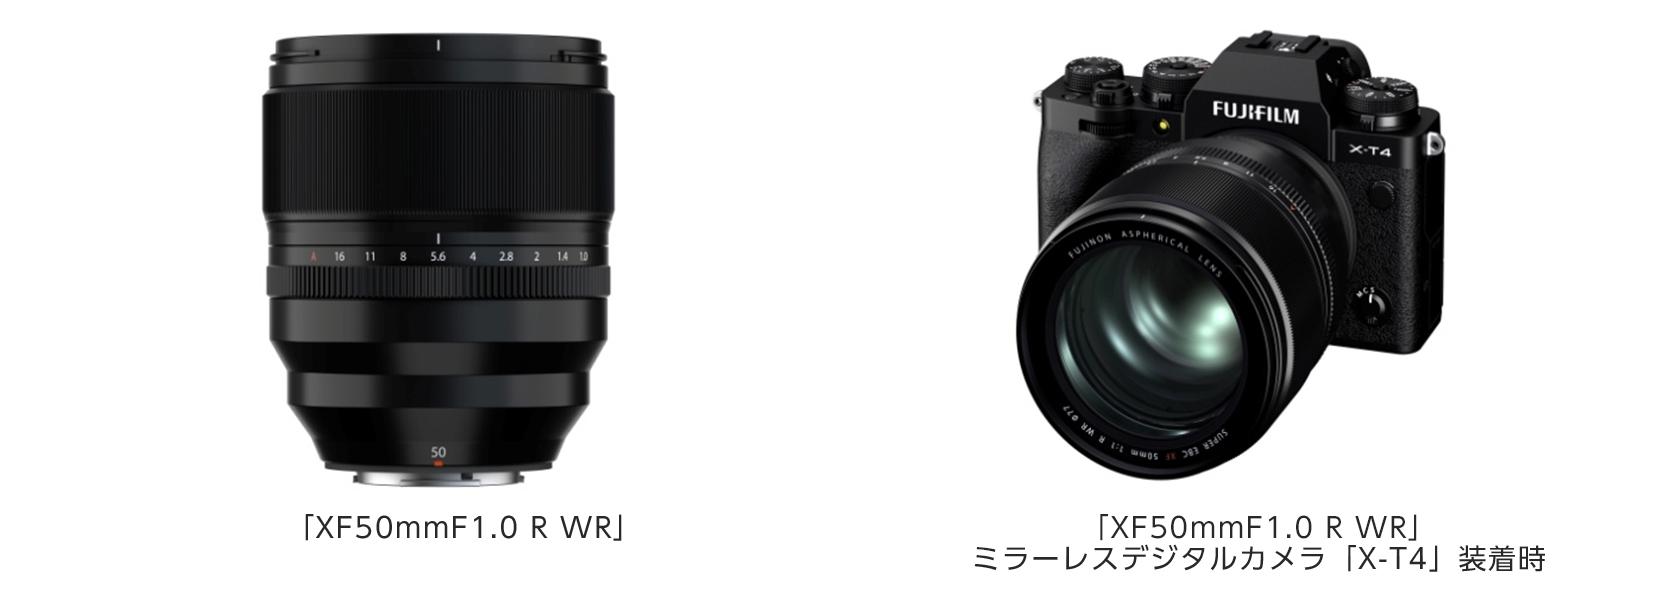 「XF50mmF1.0 R WR」